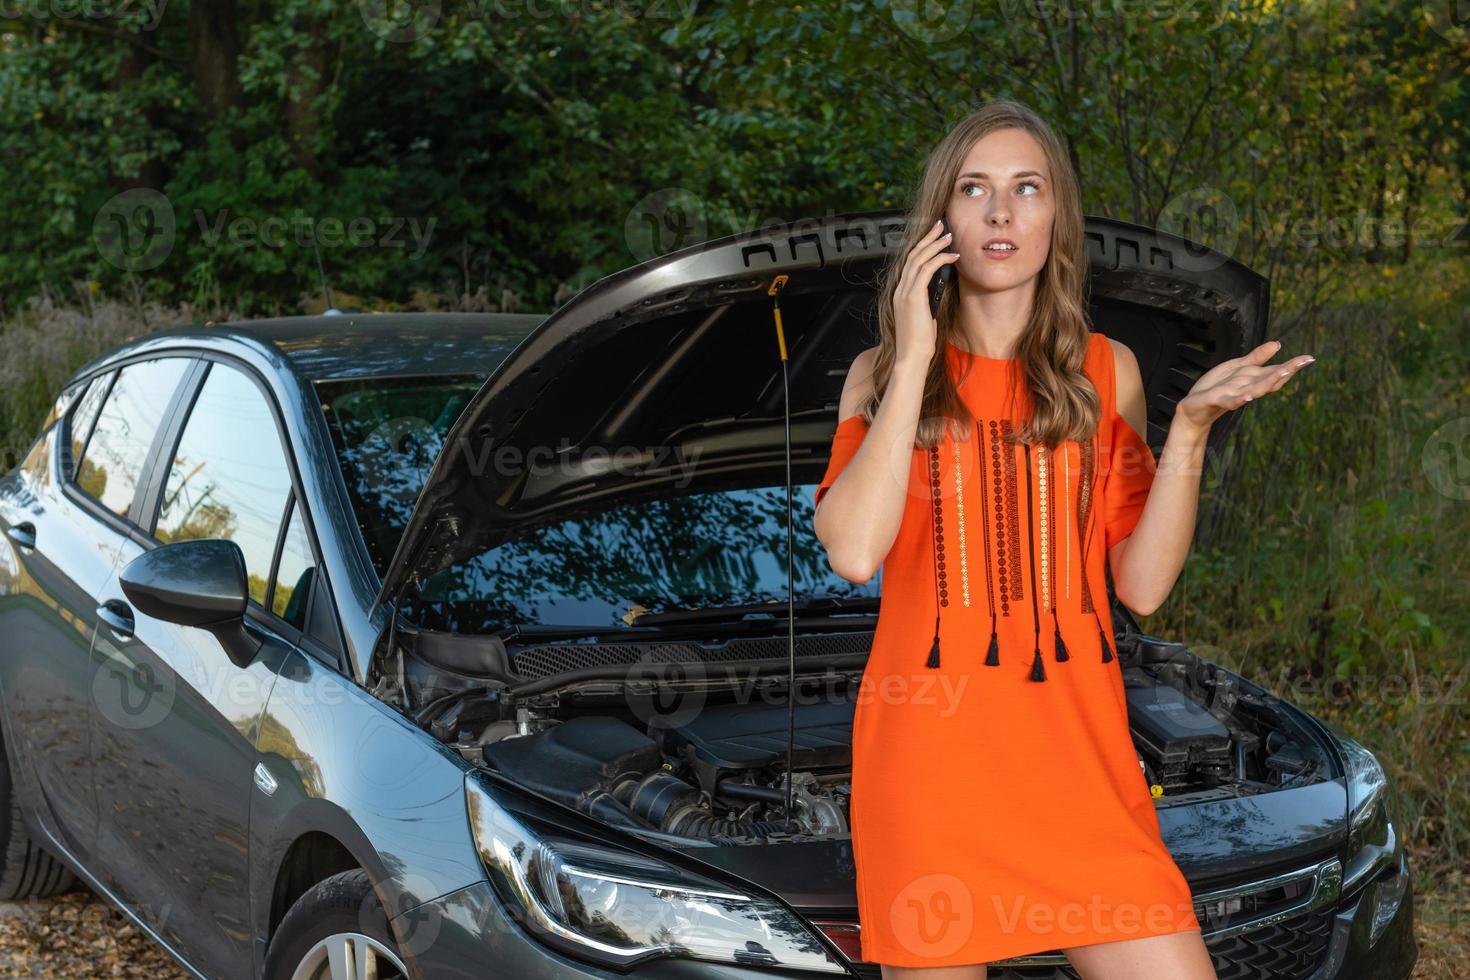 bonita y joven mujer junto a la carretera después de que su coche se averió foto